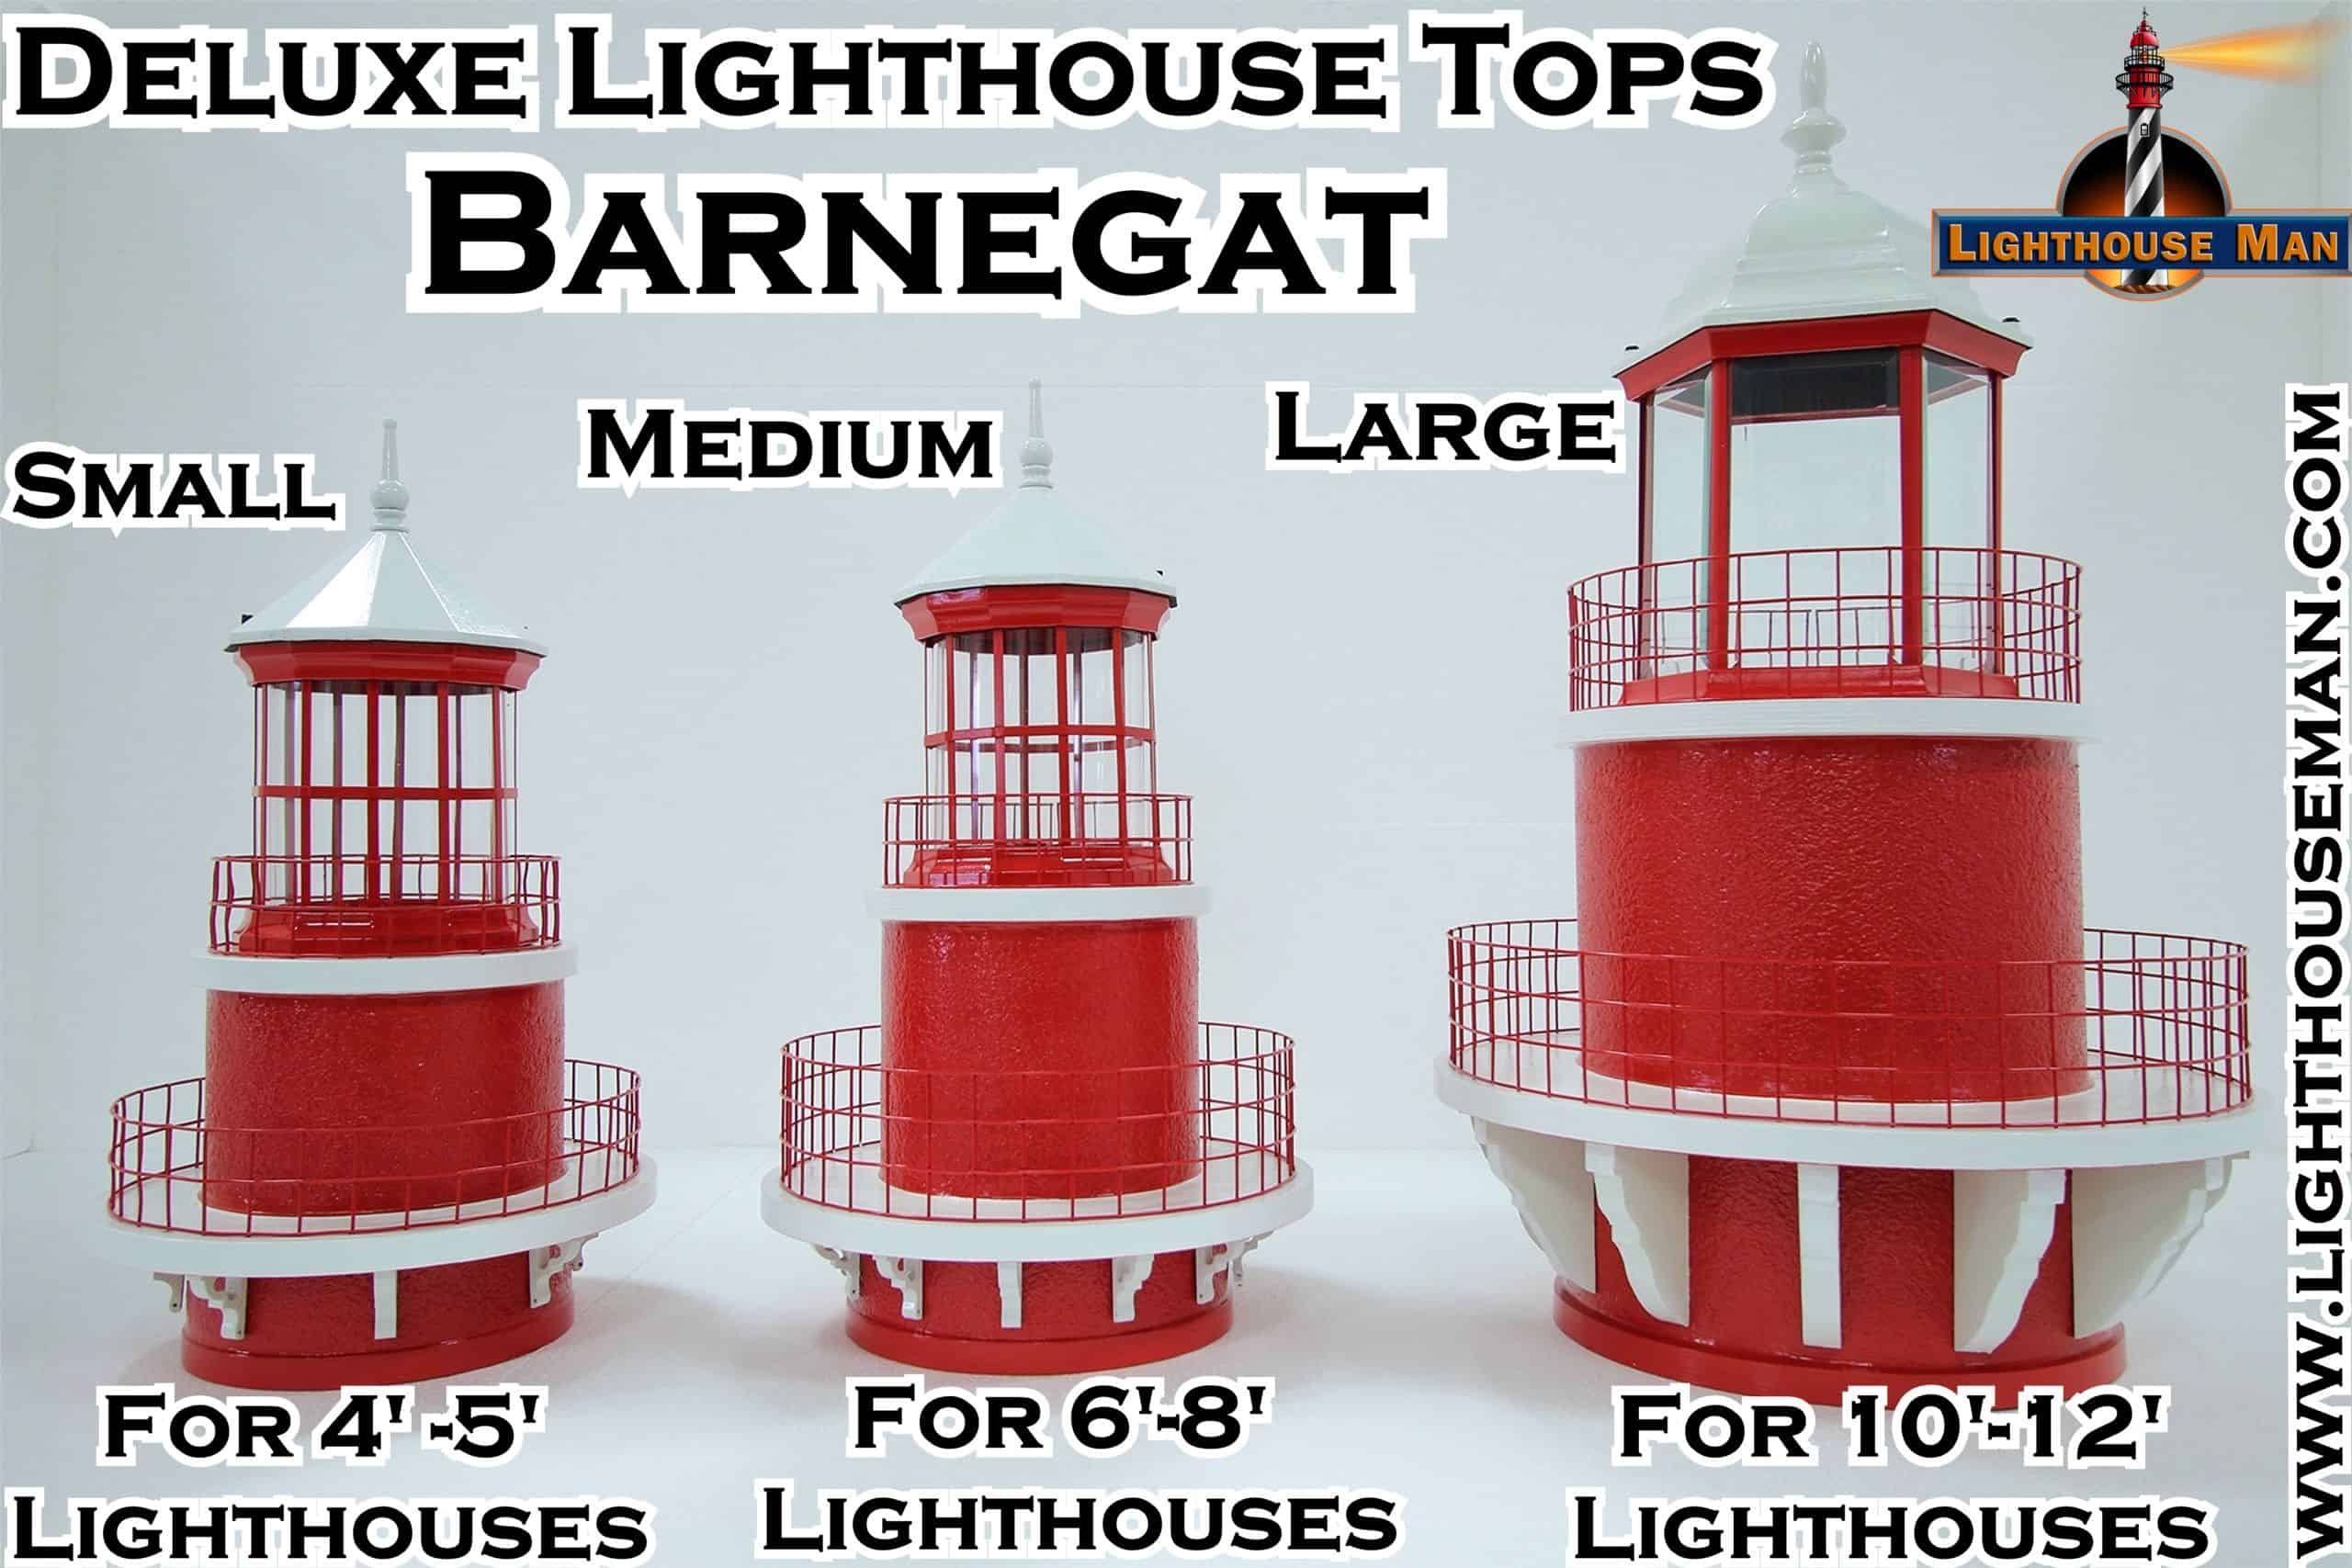 Deluxe Barnegat Lighthouse Tops